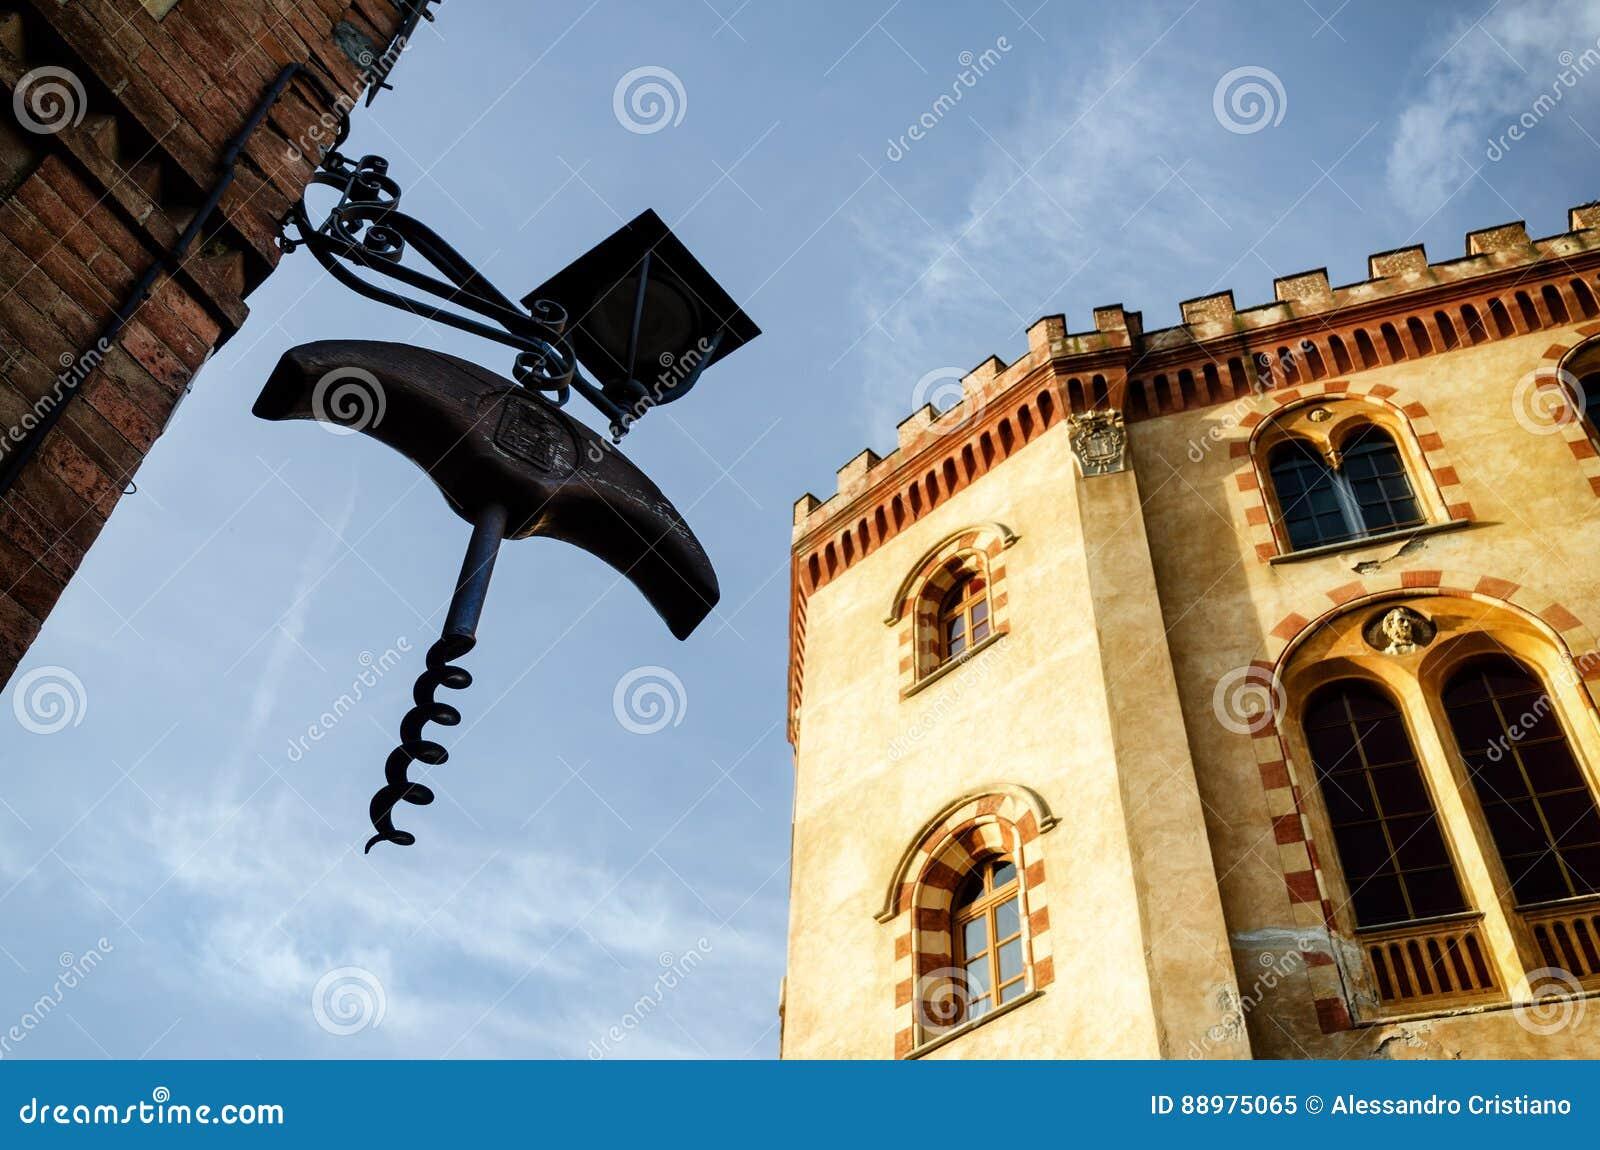 Castelo de Barolo piedmont, Itália